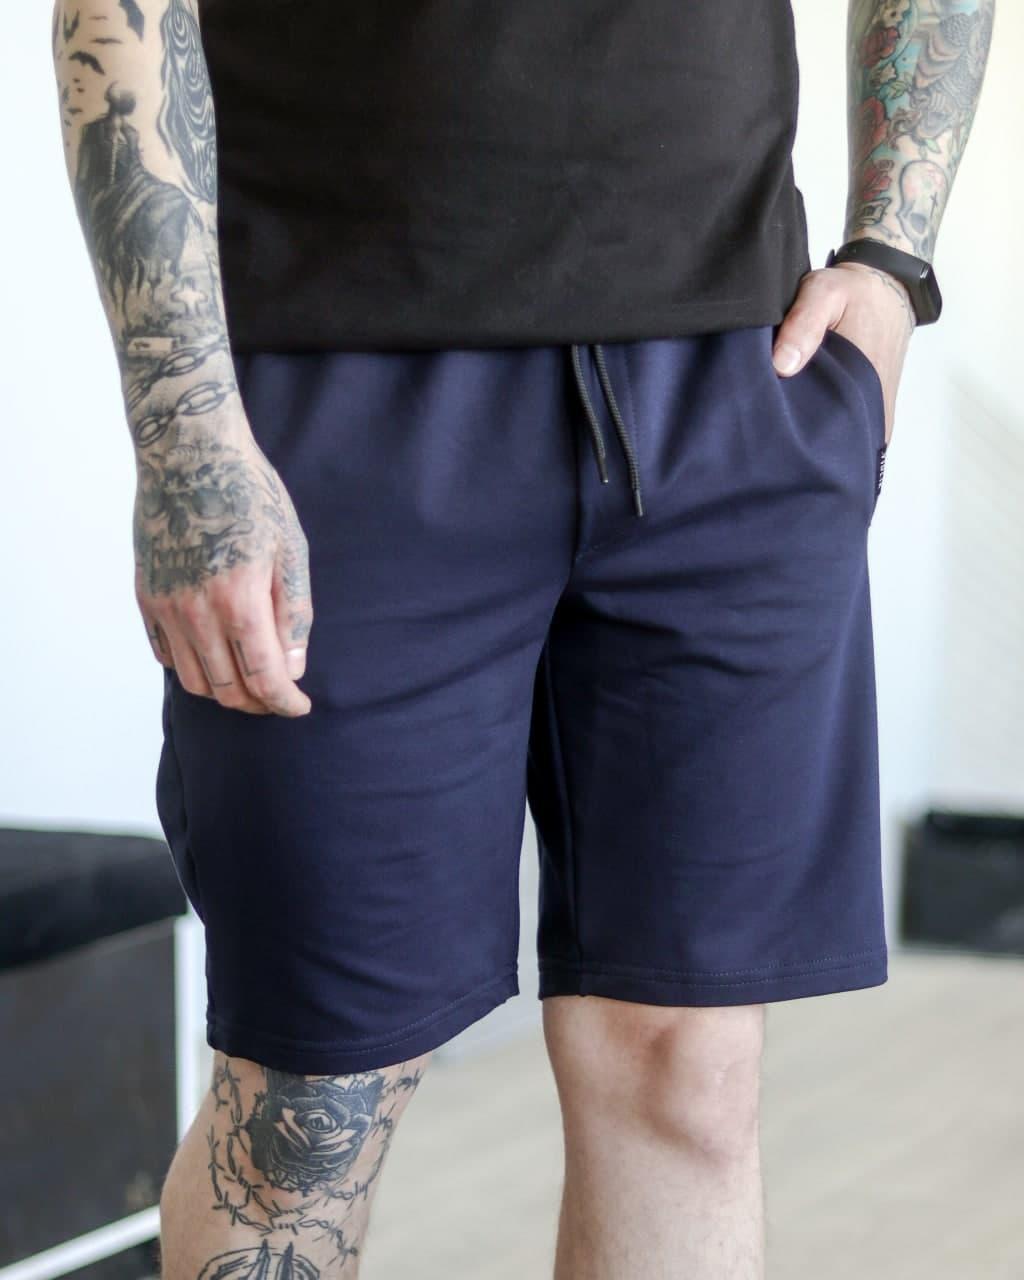 Шорти чоловічі базові літні темно-сині. Чоловічі літні шорти темно-синього кольору без принтів.